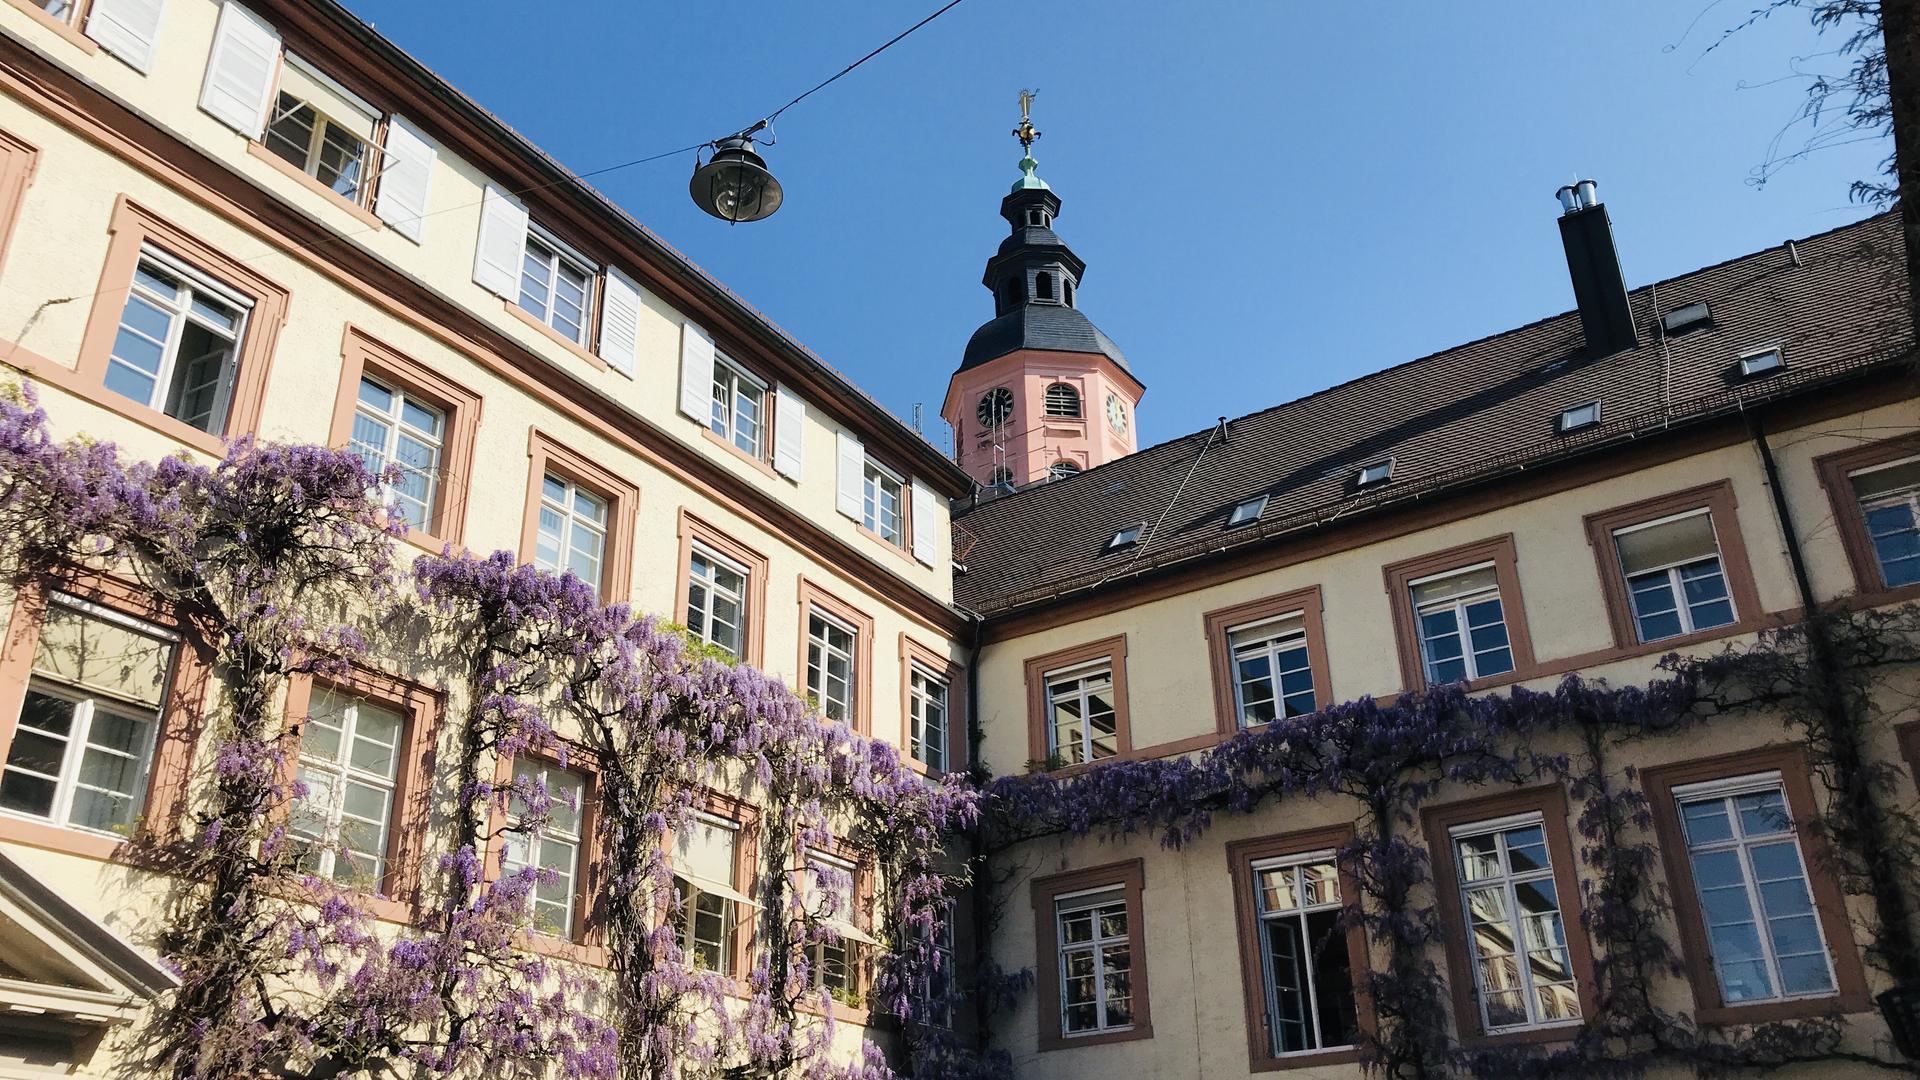 Blick vom Innenhof des Rathauses in Baden-Baden auf den Turm der Stiftskirche.